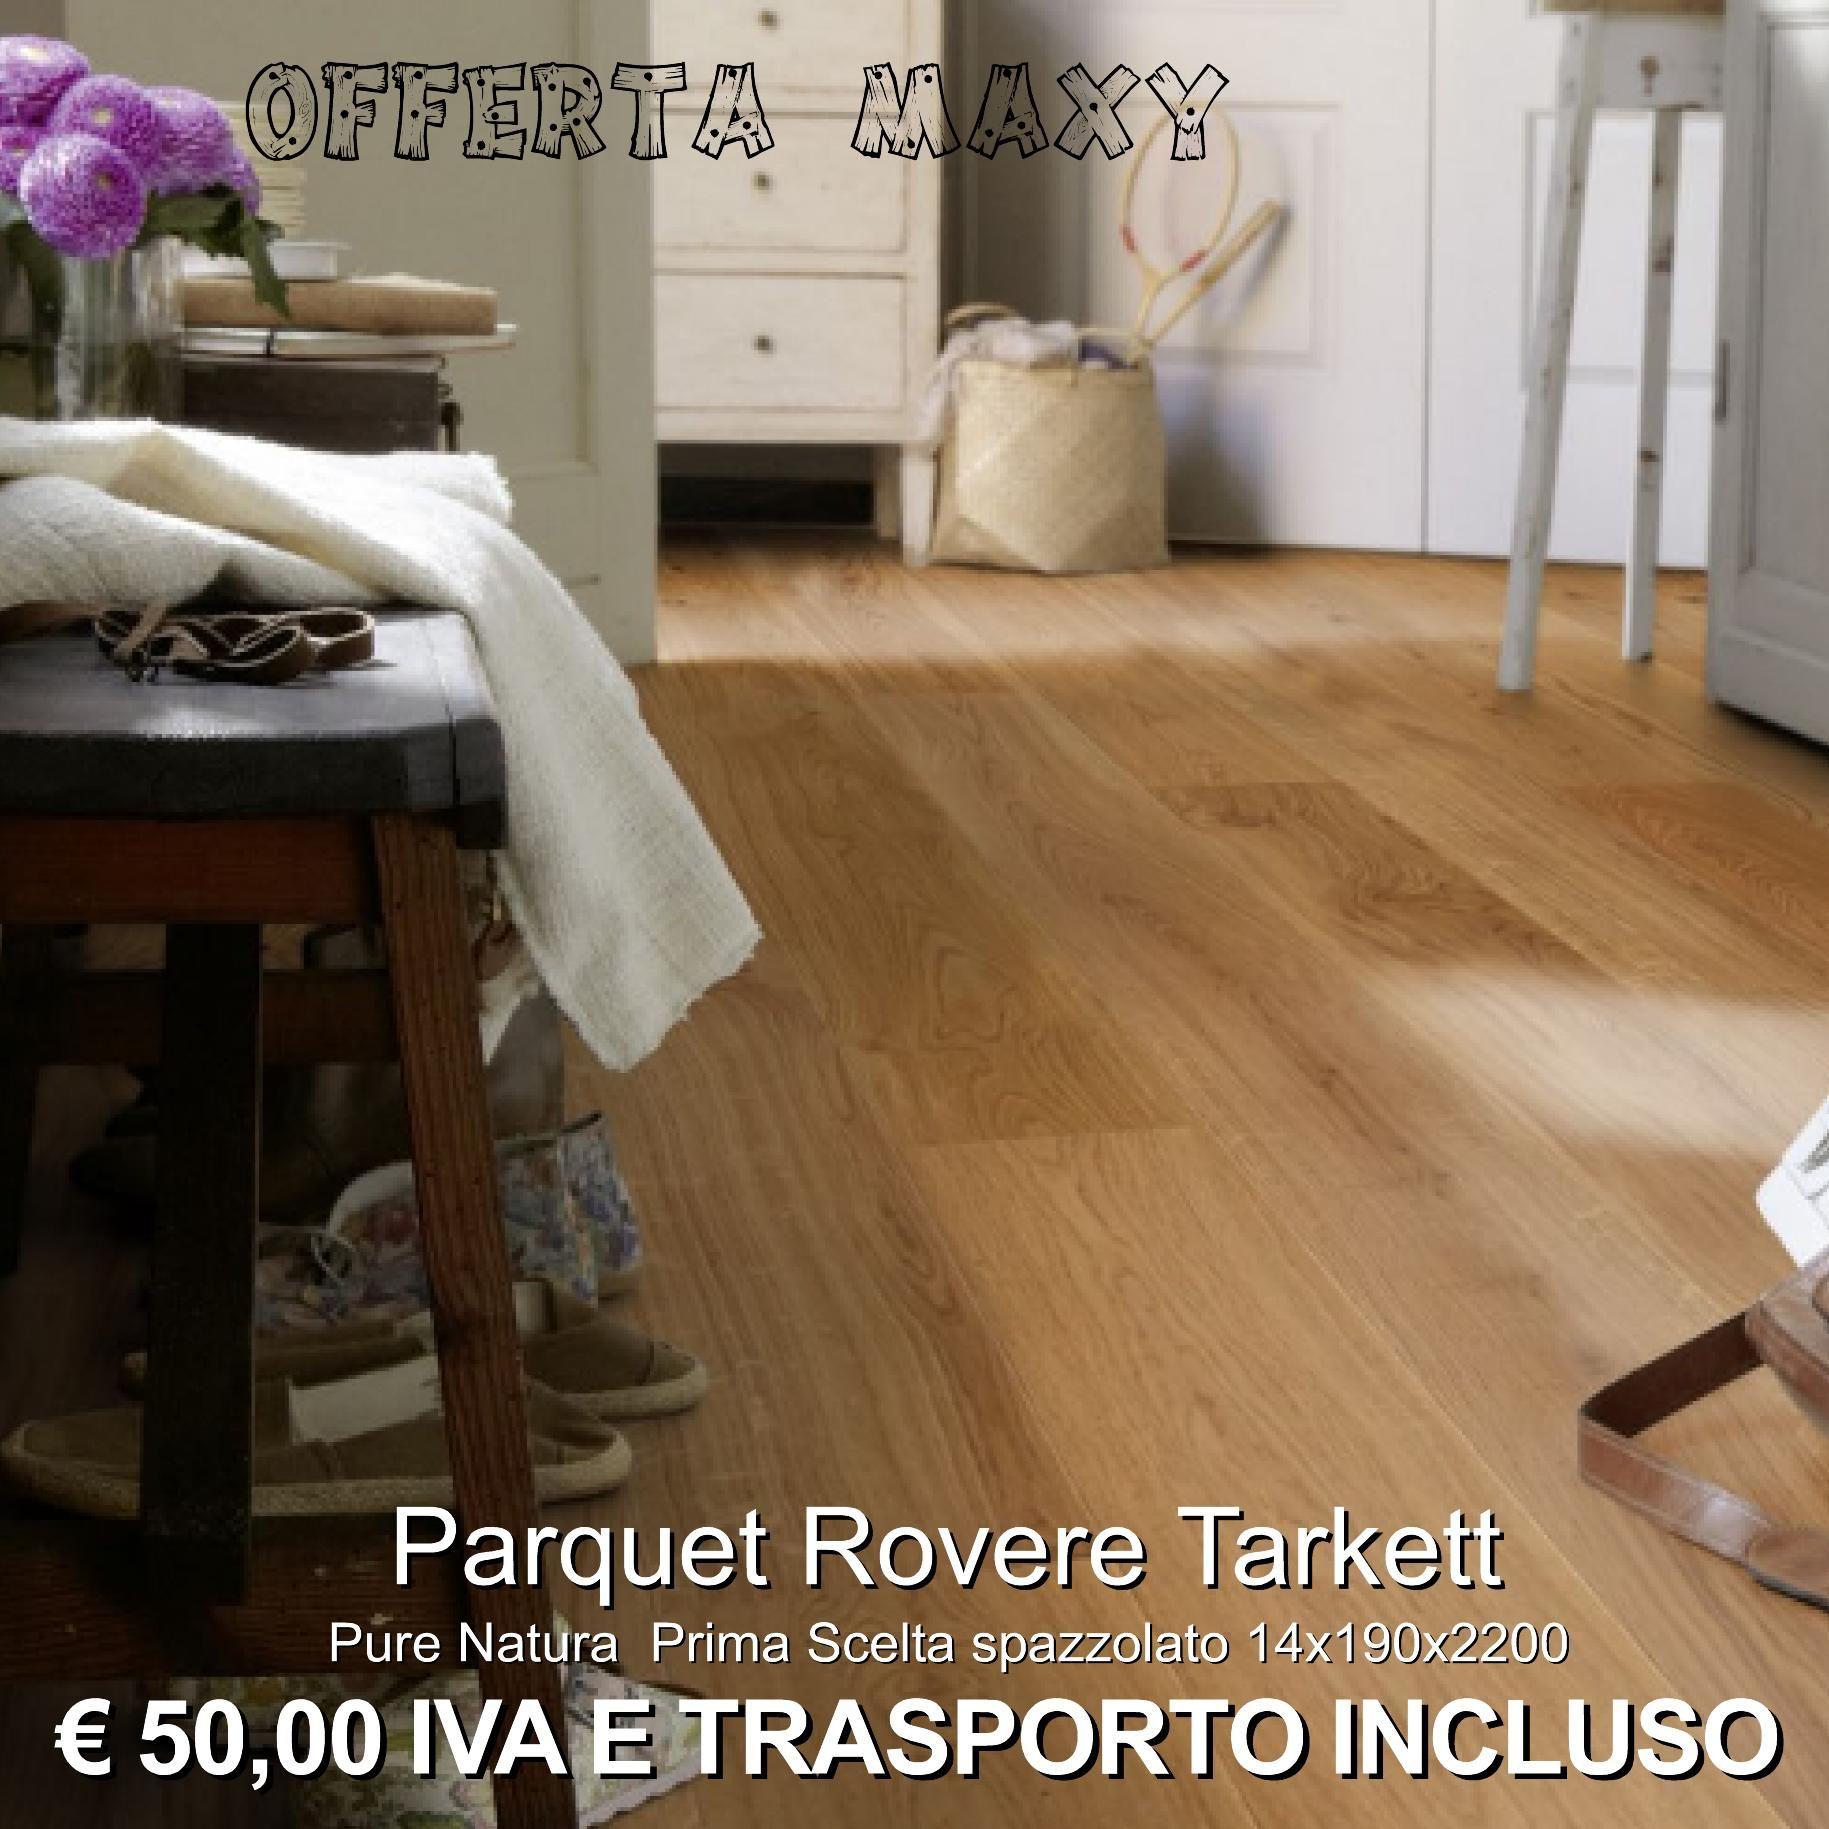 Parquet Rovere Tarkett Pure Natura Prima Scelta spazzolato 14x190x2200